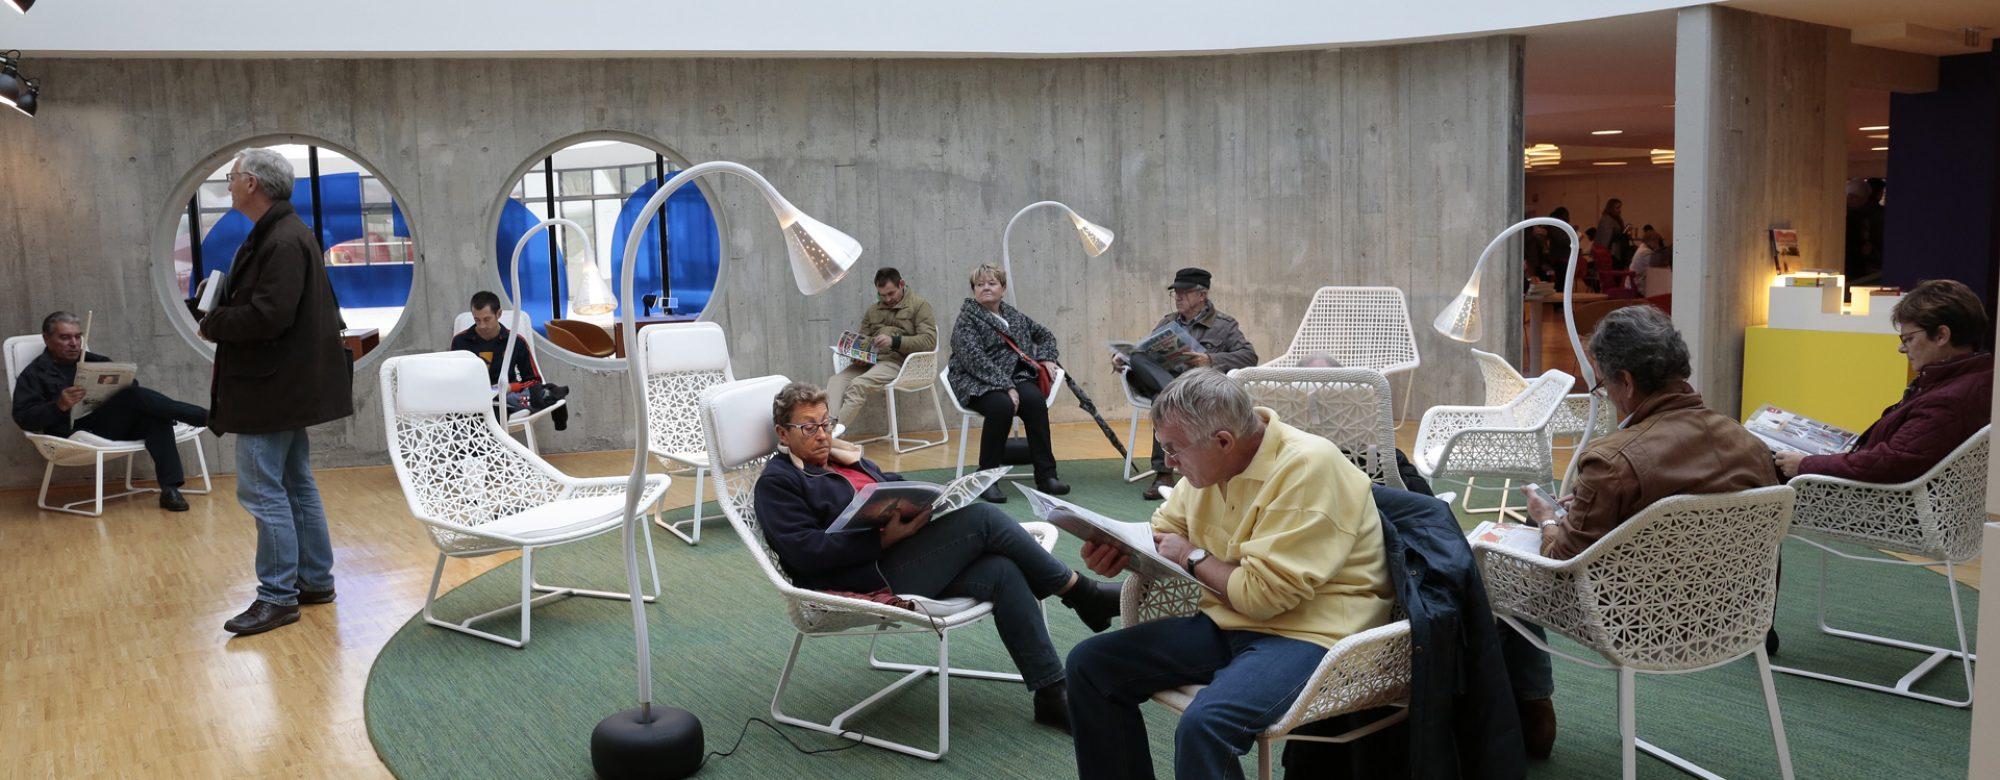 Découvrir la presse quotidienne à la bibliothèque Niemeyer